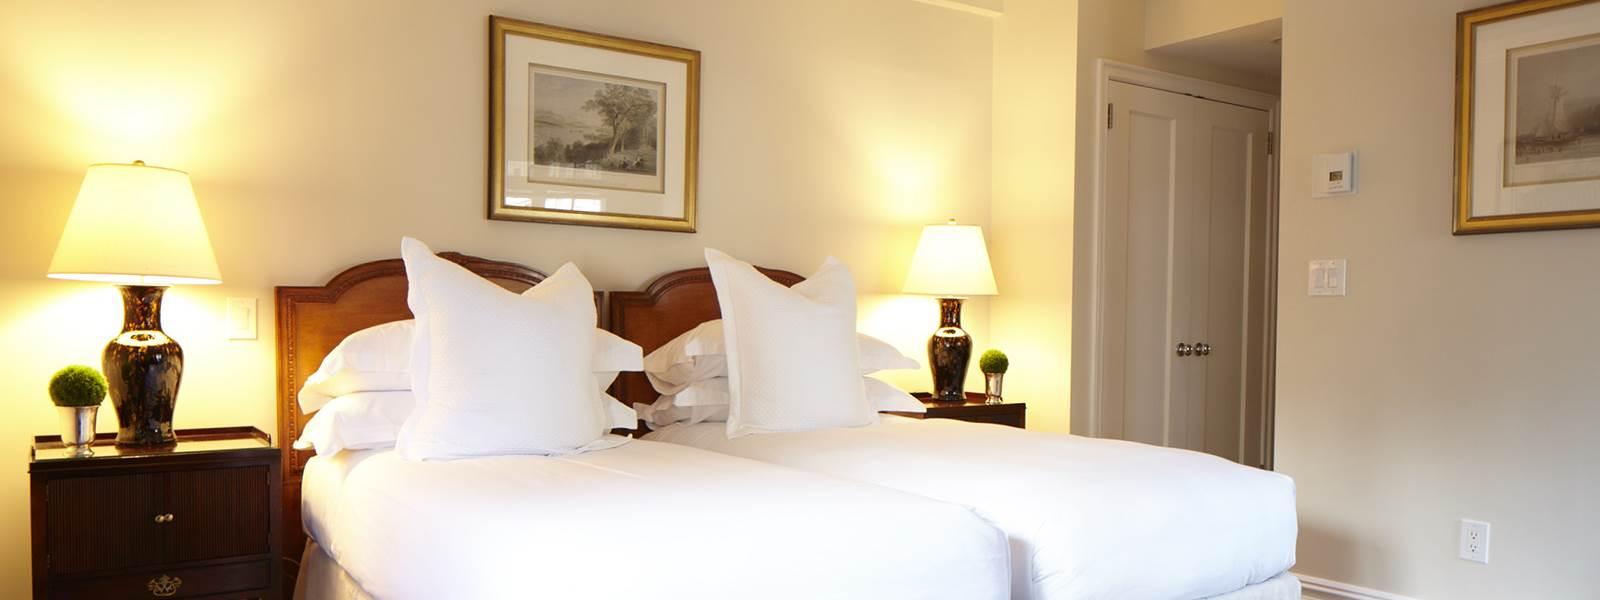 Two Bedroom Suite   Twin bedsWebsize